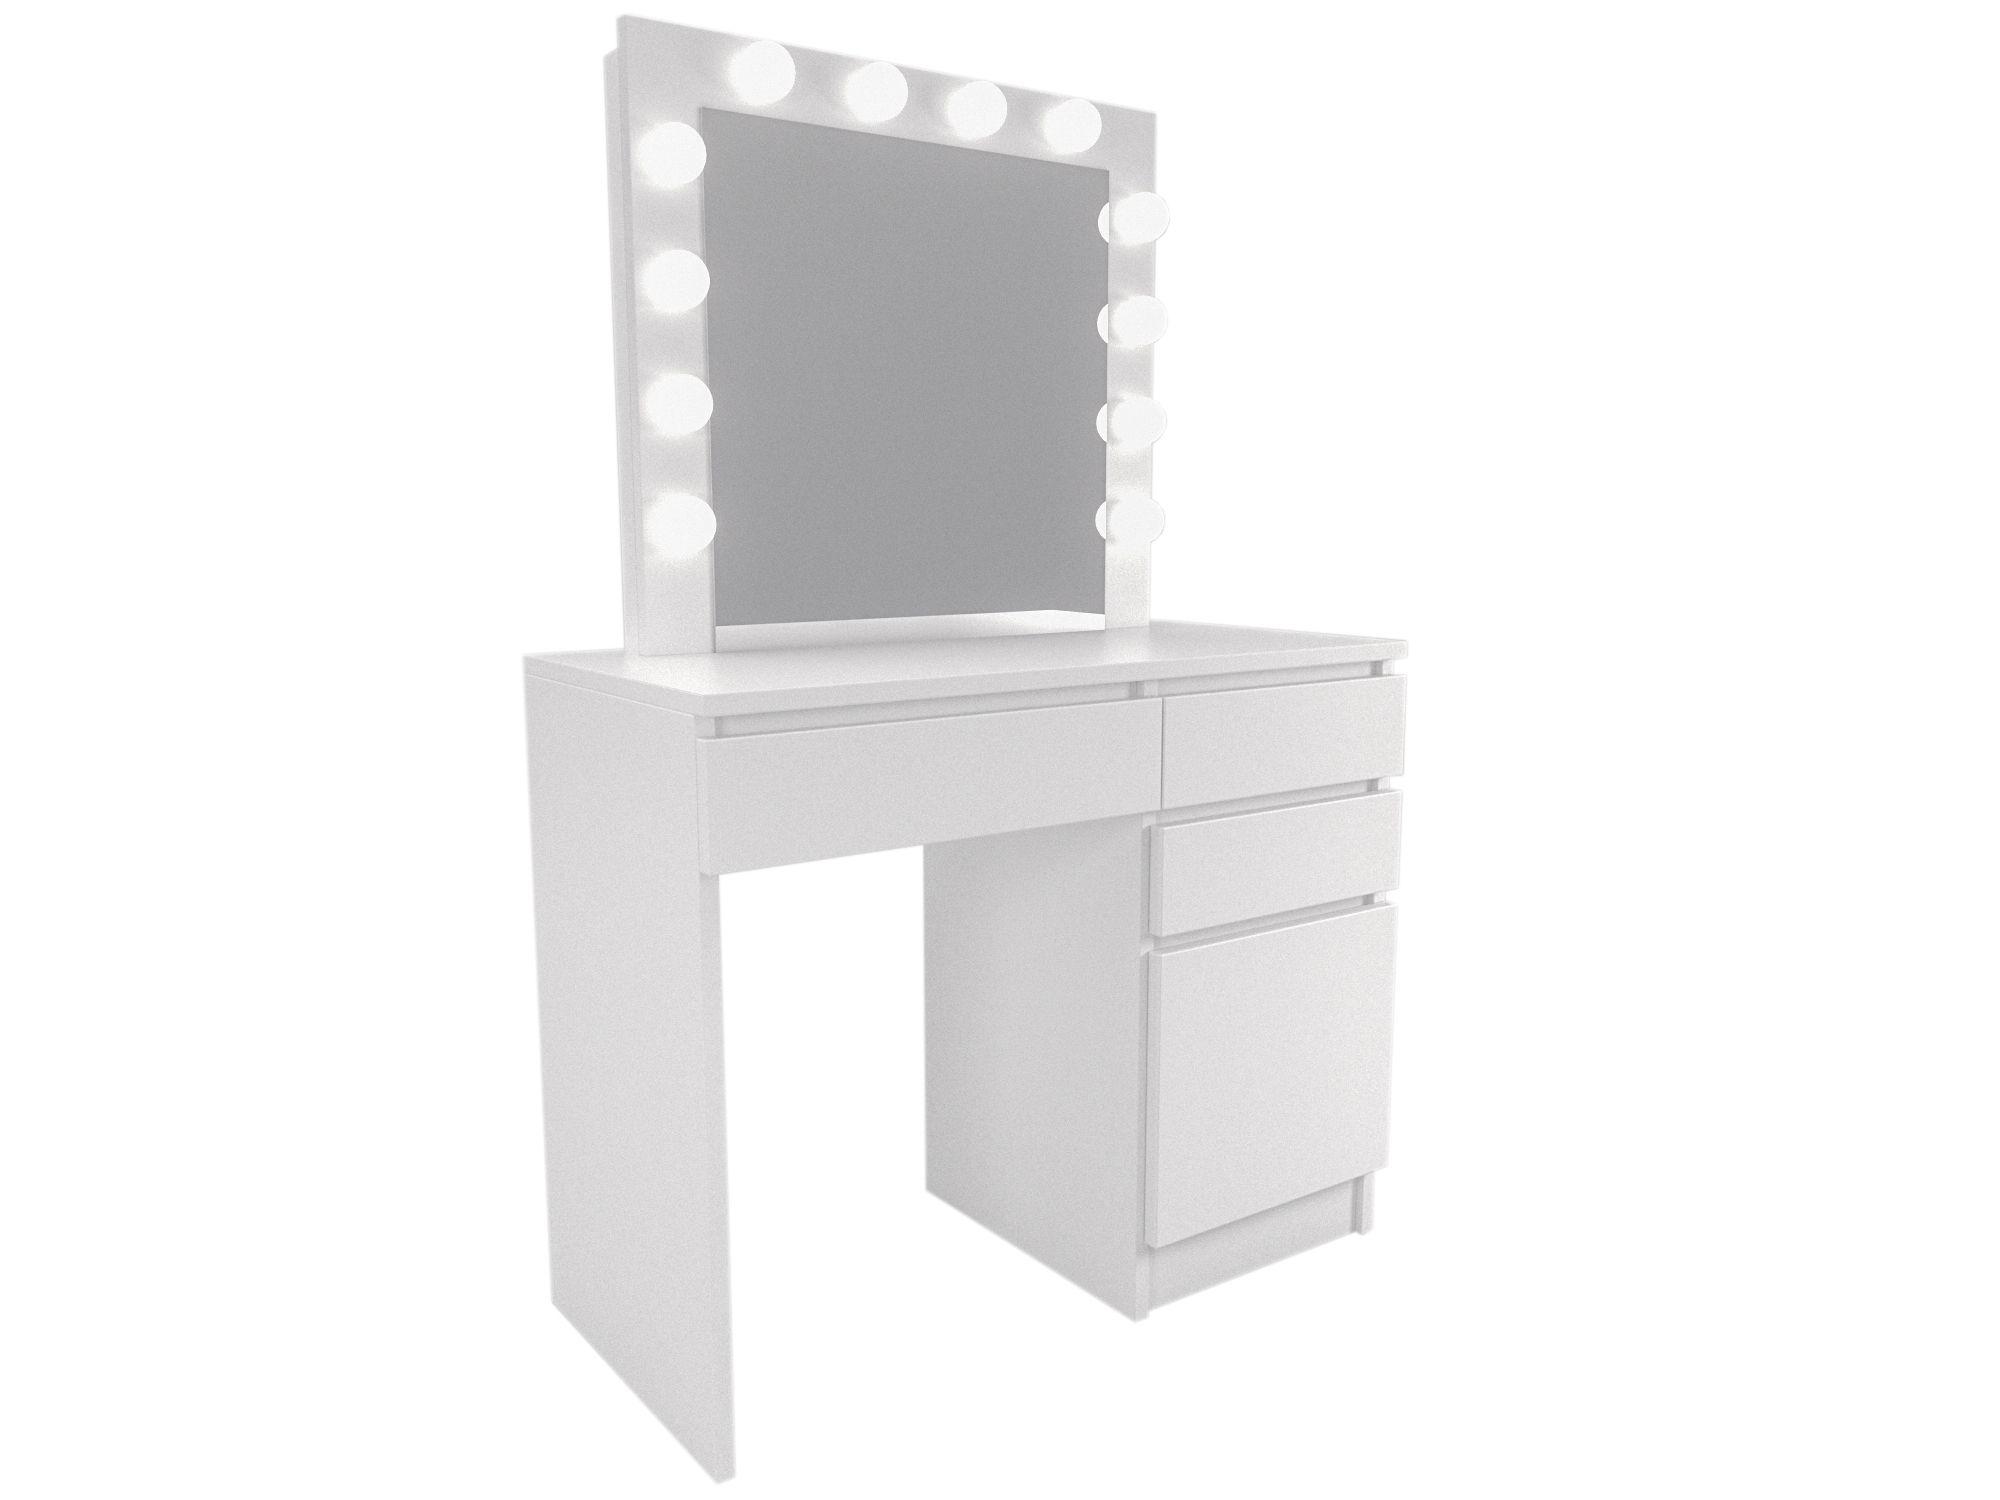 Toaletka Kosmetyczna Z Lustrem Do Wizazu Makijazu 9083717578 Oficjalne Archiwum Allegro Vanity Mirror Vanity Home Decor